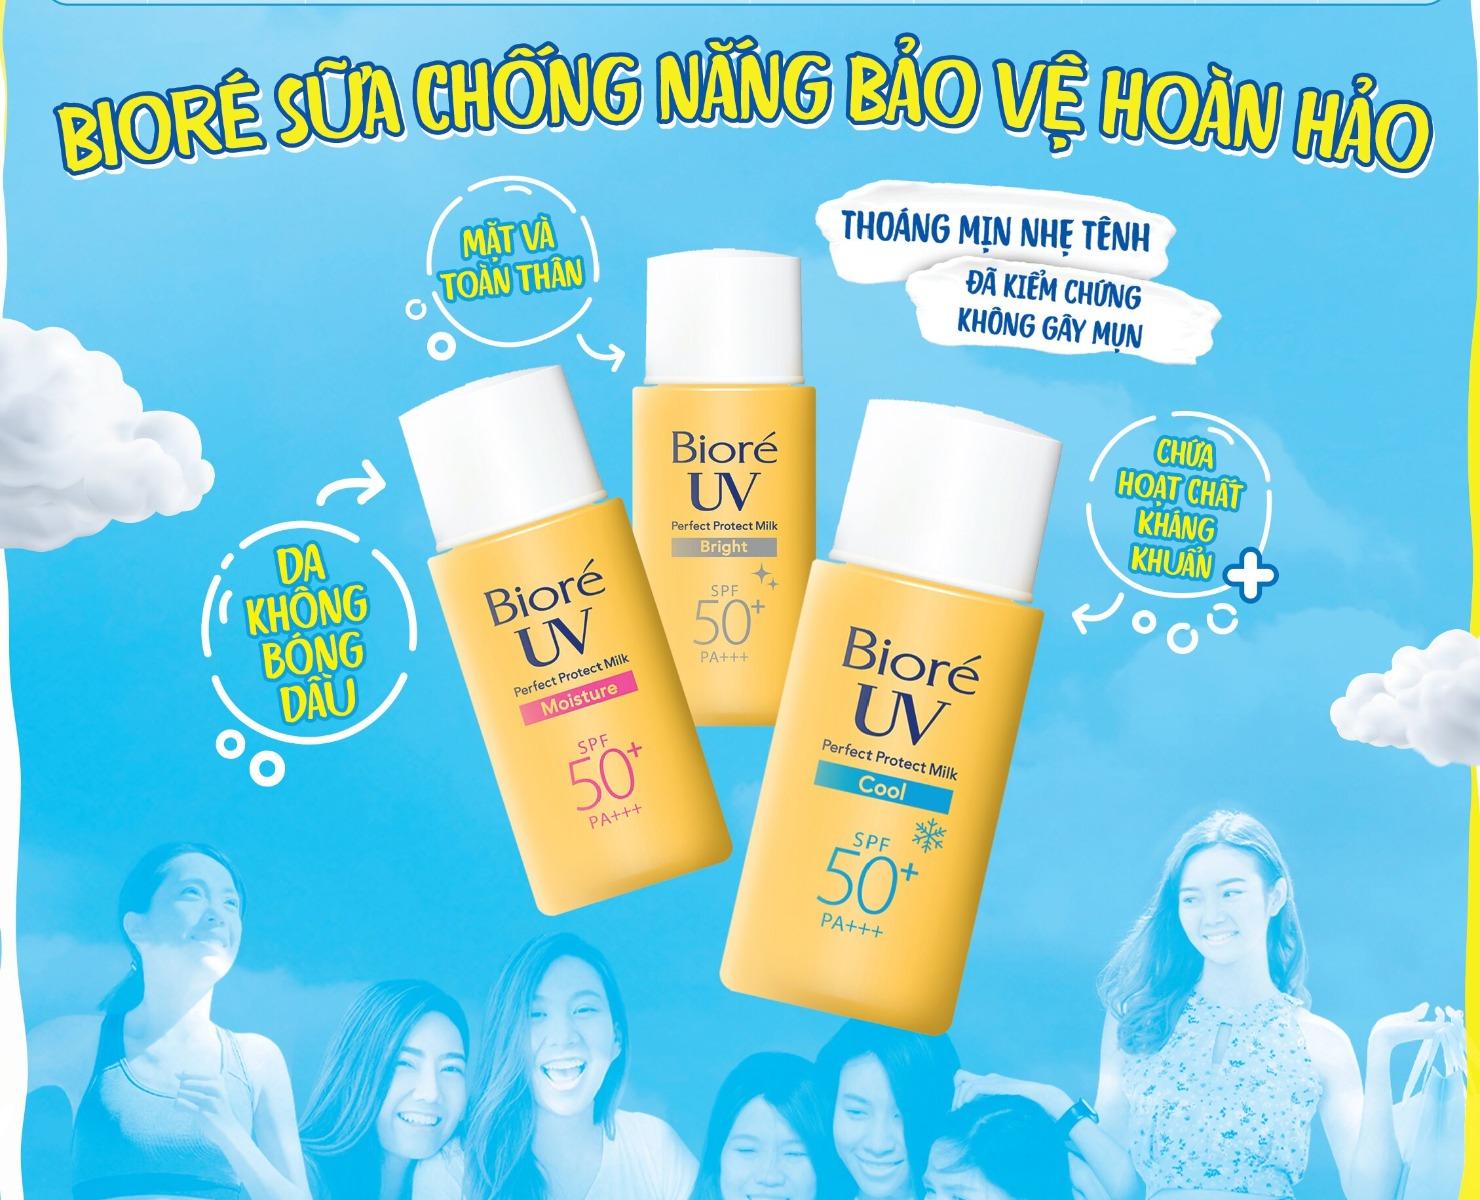 Hiện Sữa Chống Nắng Bảo Vệ Hoàn Hảo Bioré UV Perfect Protect Milk SPF50/PA+++ đã có mặt tại Hasaki với 3 phân loại cho bạn lựa chọn.